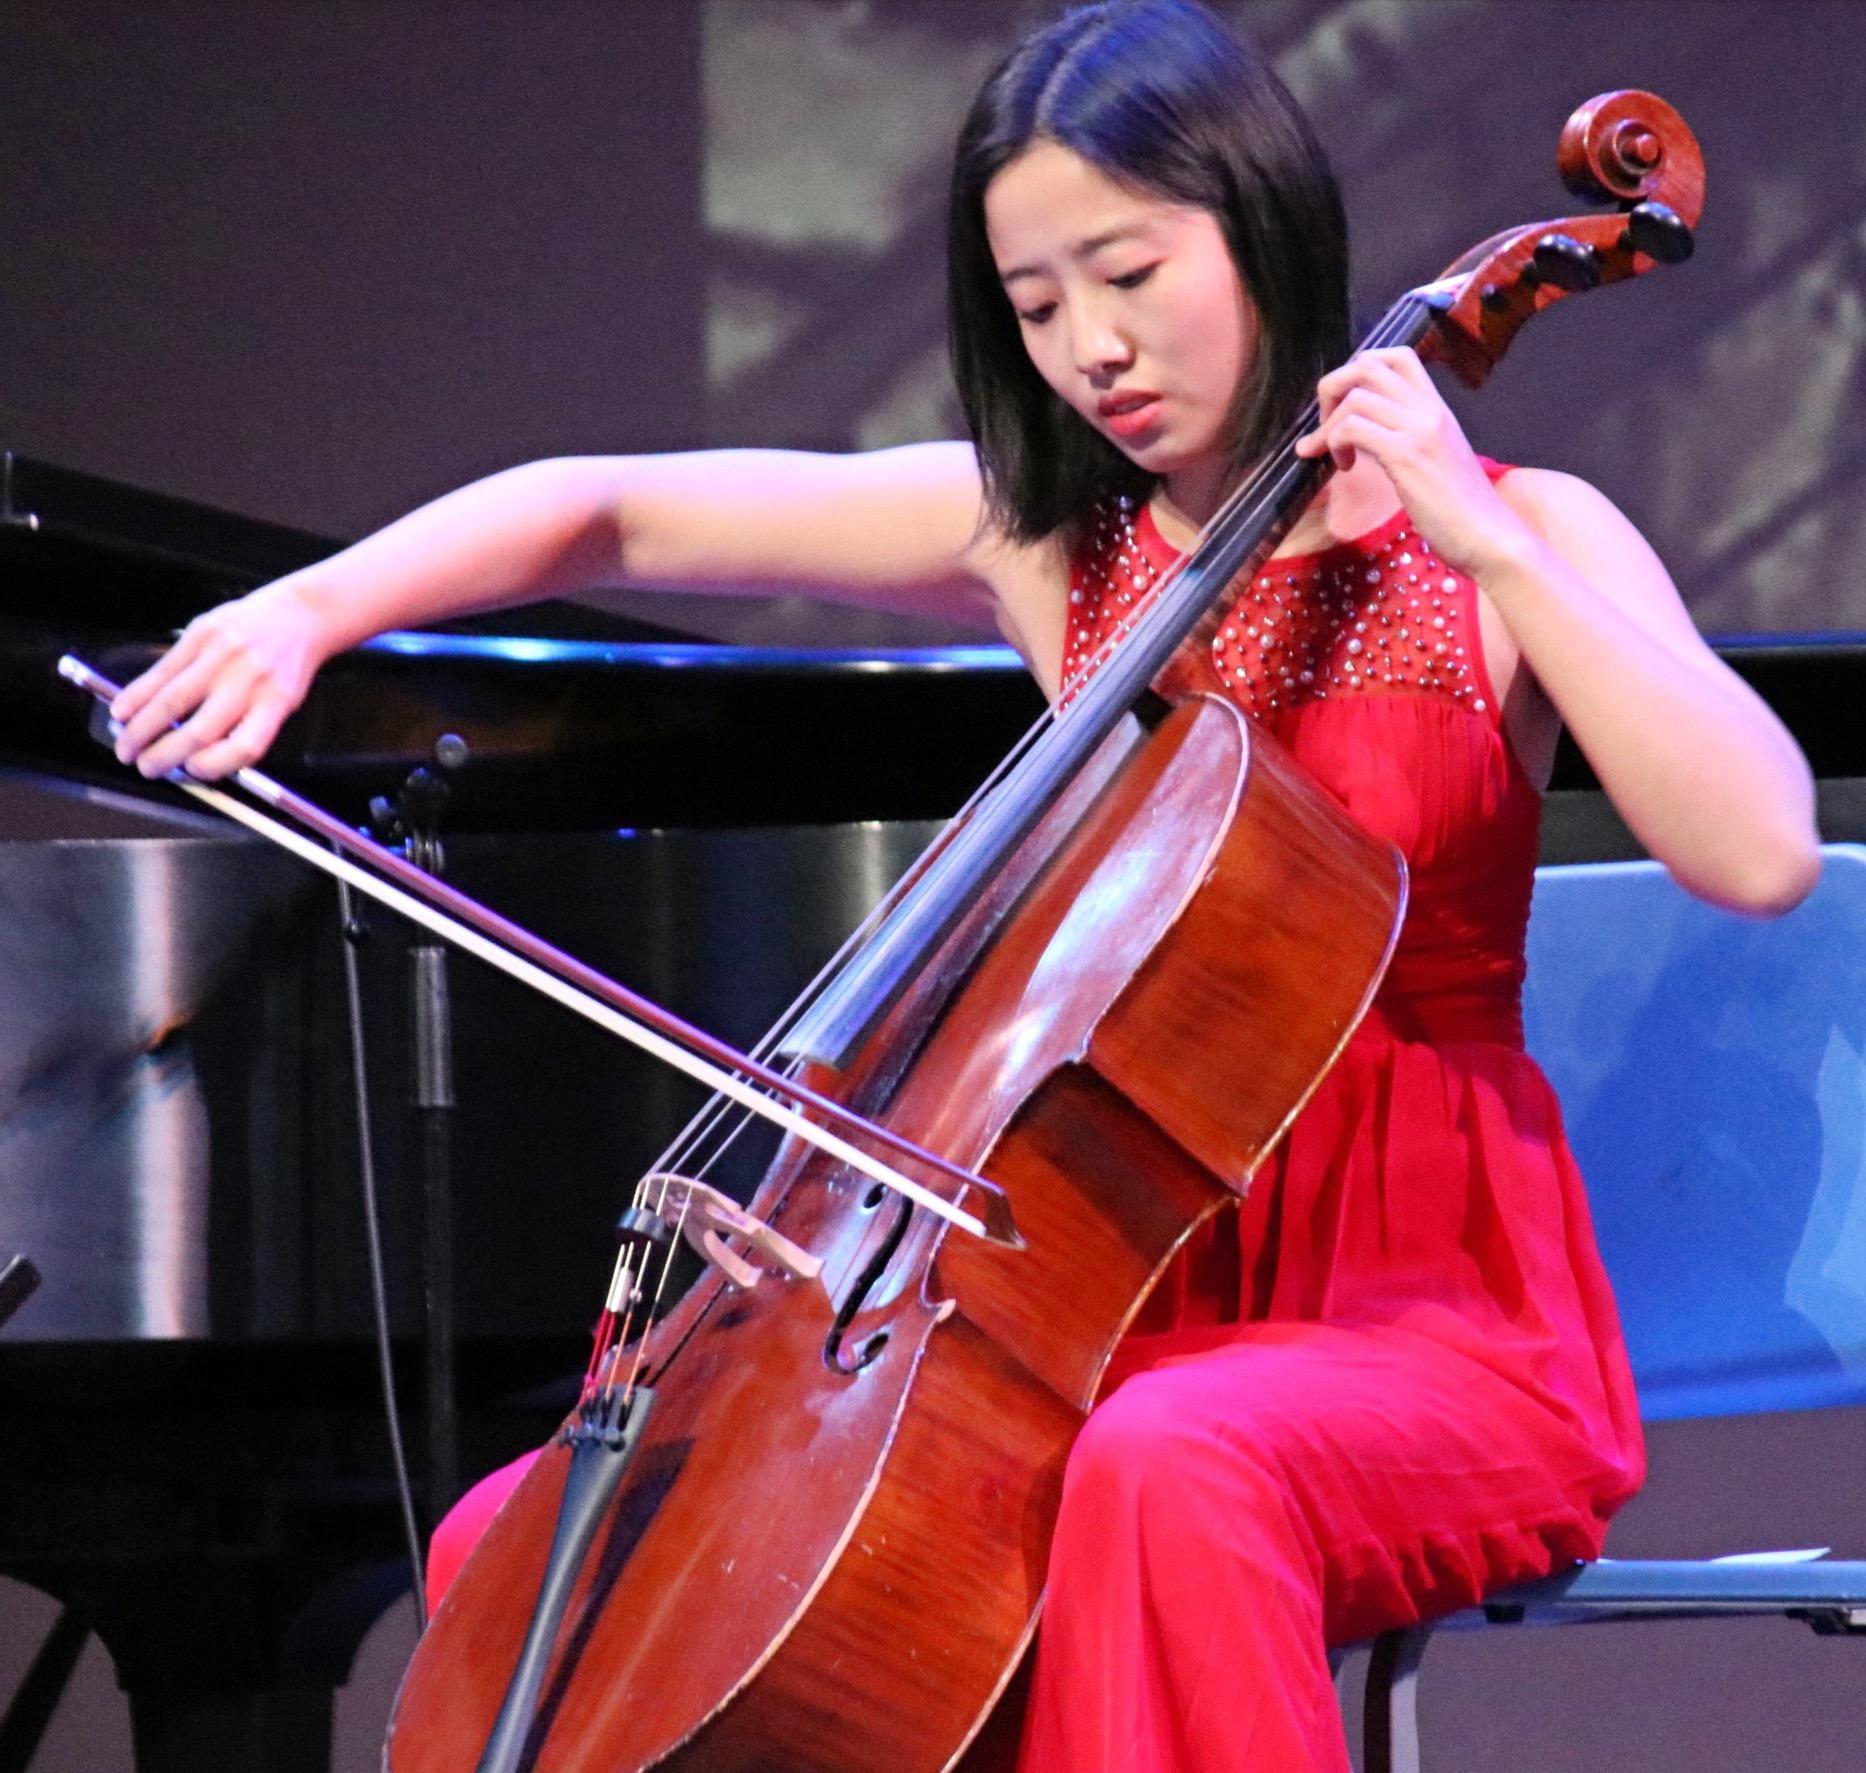 Jiahui (Janice) Zhang